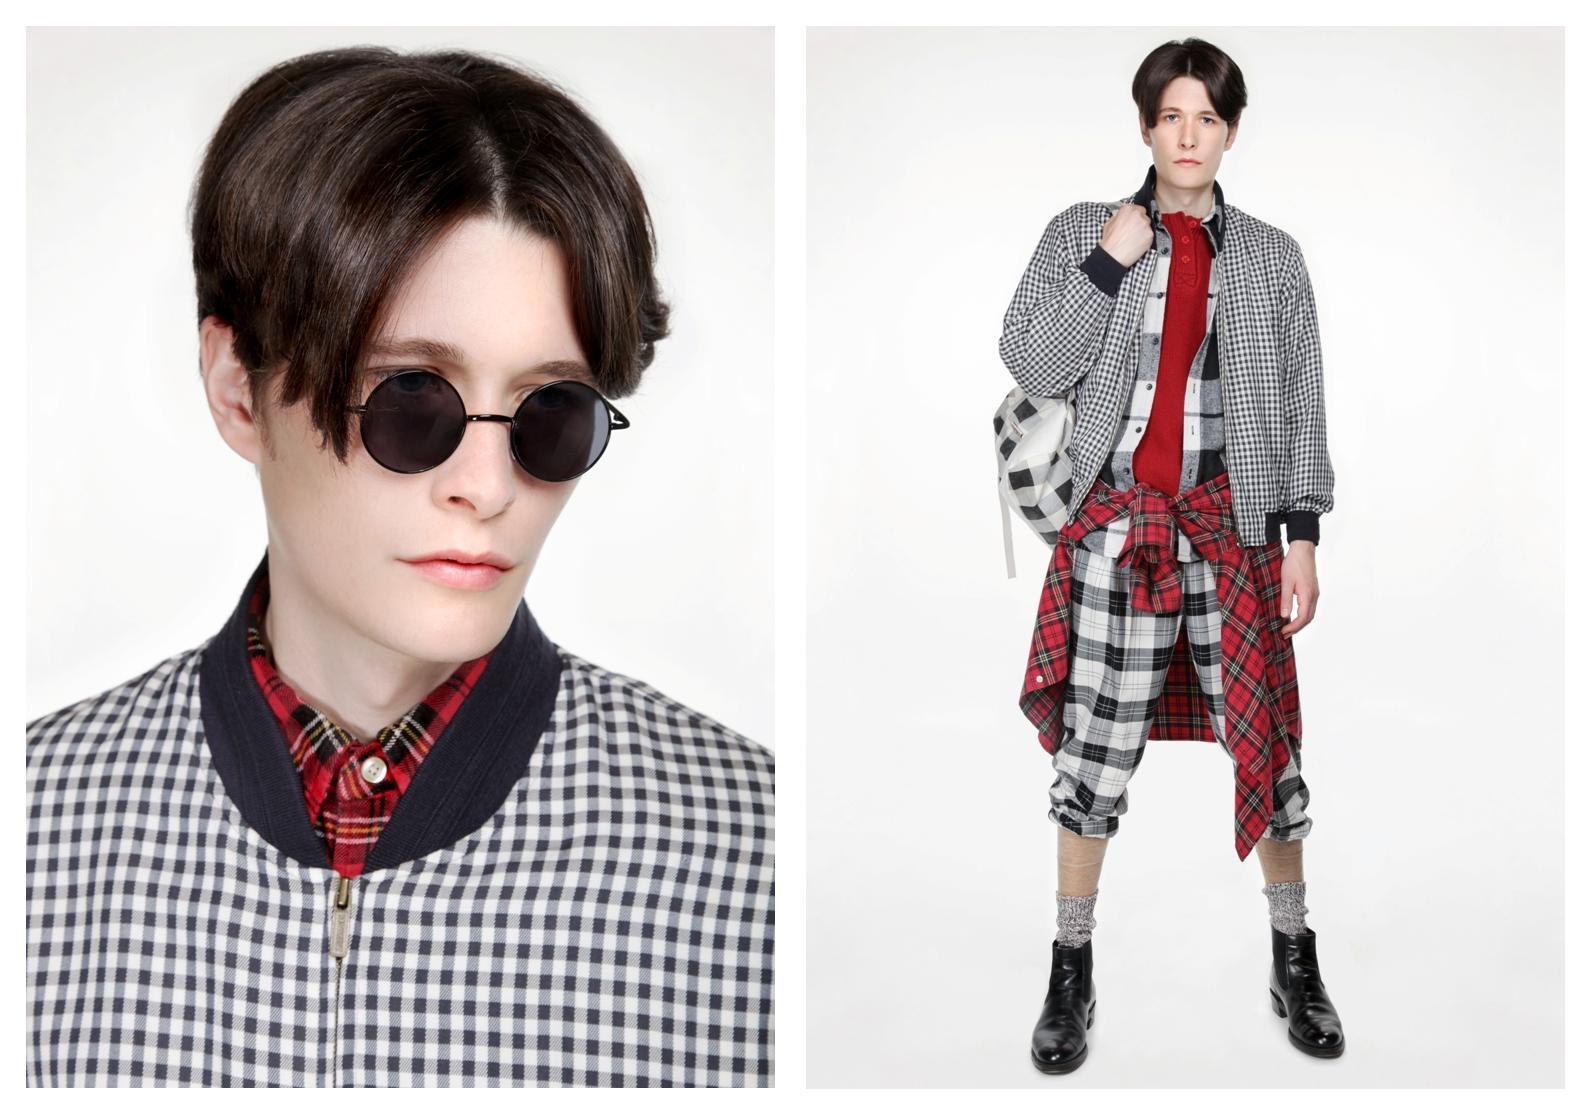 grunge fashion 90s men wwwimgkidcom the image kid